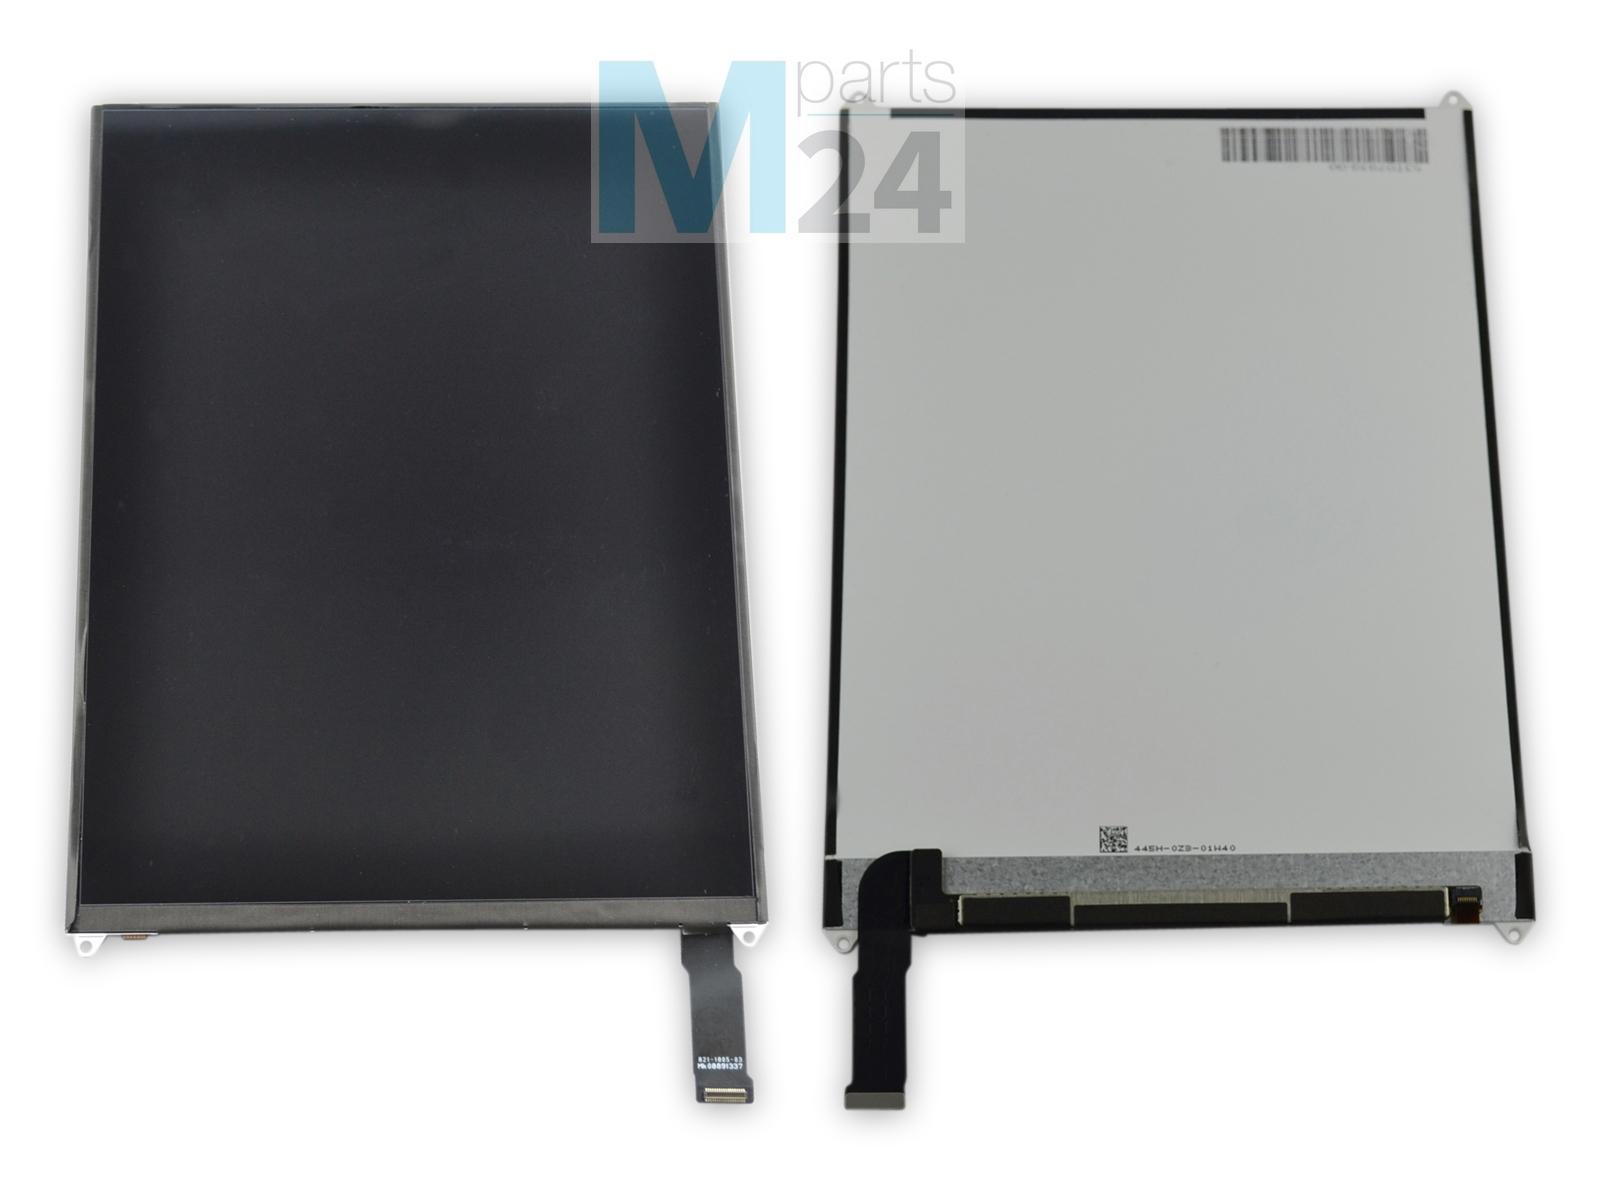 ipad mini 2 mini 3 lcd display retina bildschirm anzeige. Black Bedroom Furniture Sets. Home Design Ideas